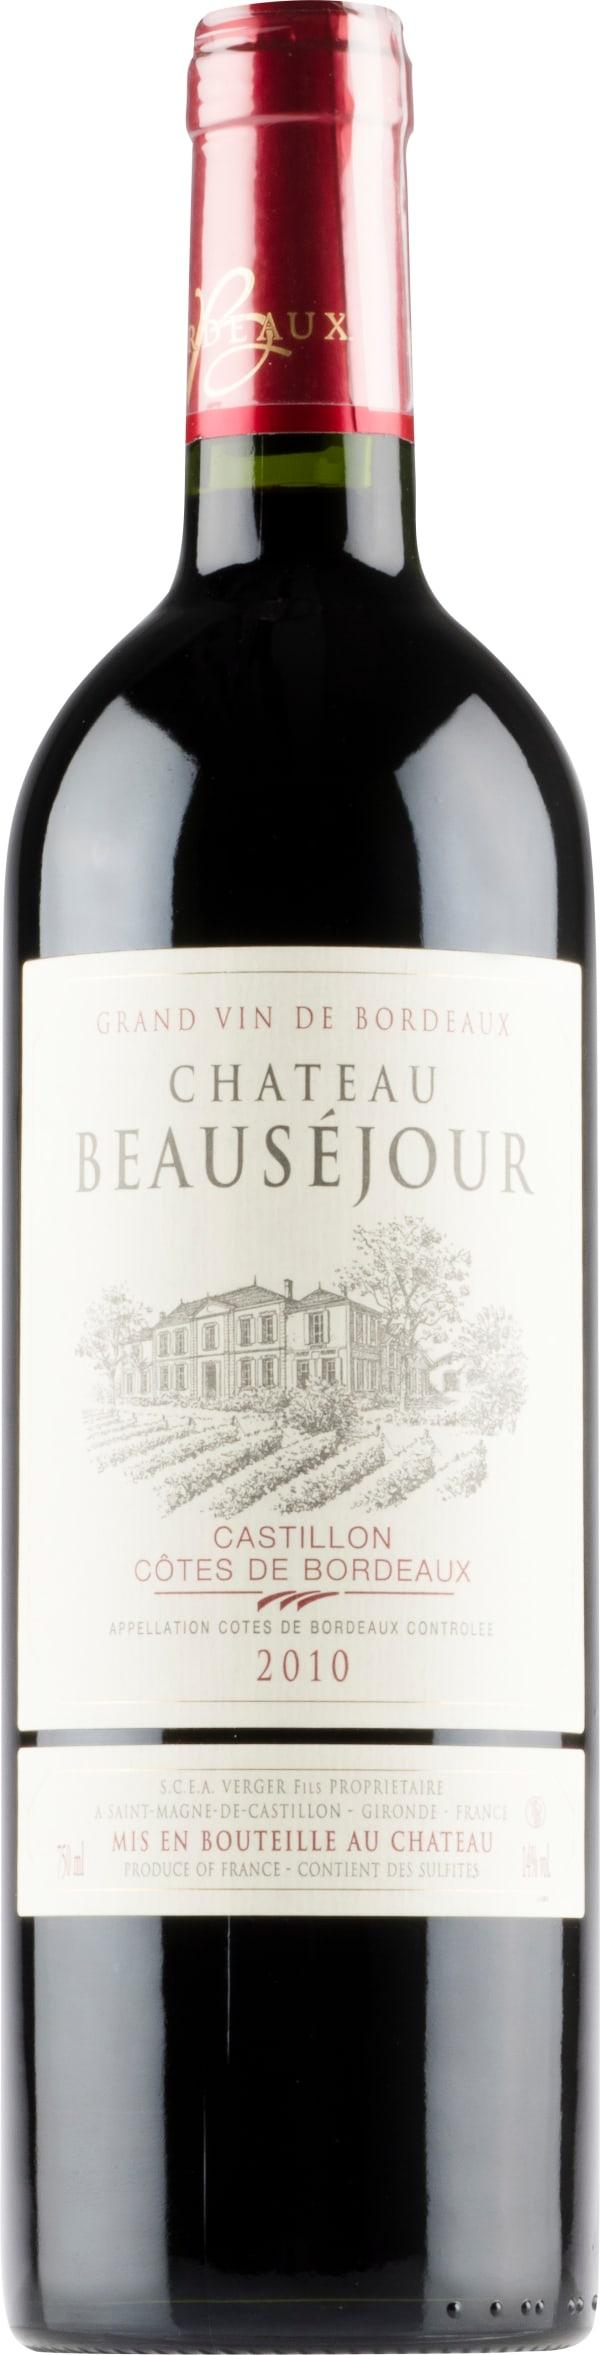 Château Beauséjour 2010